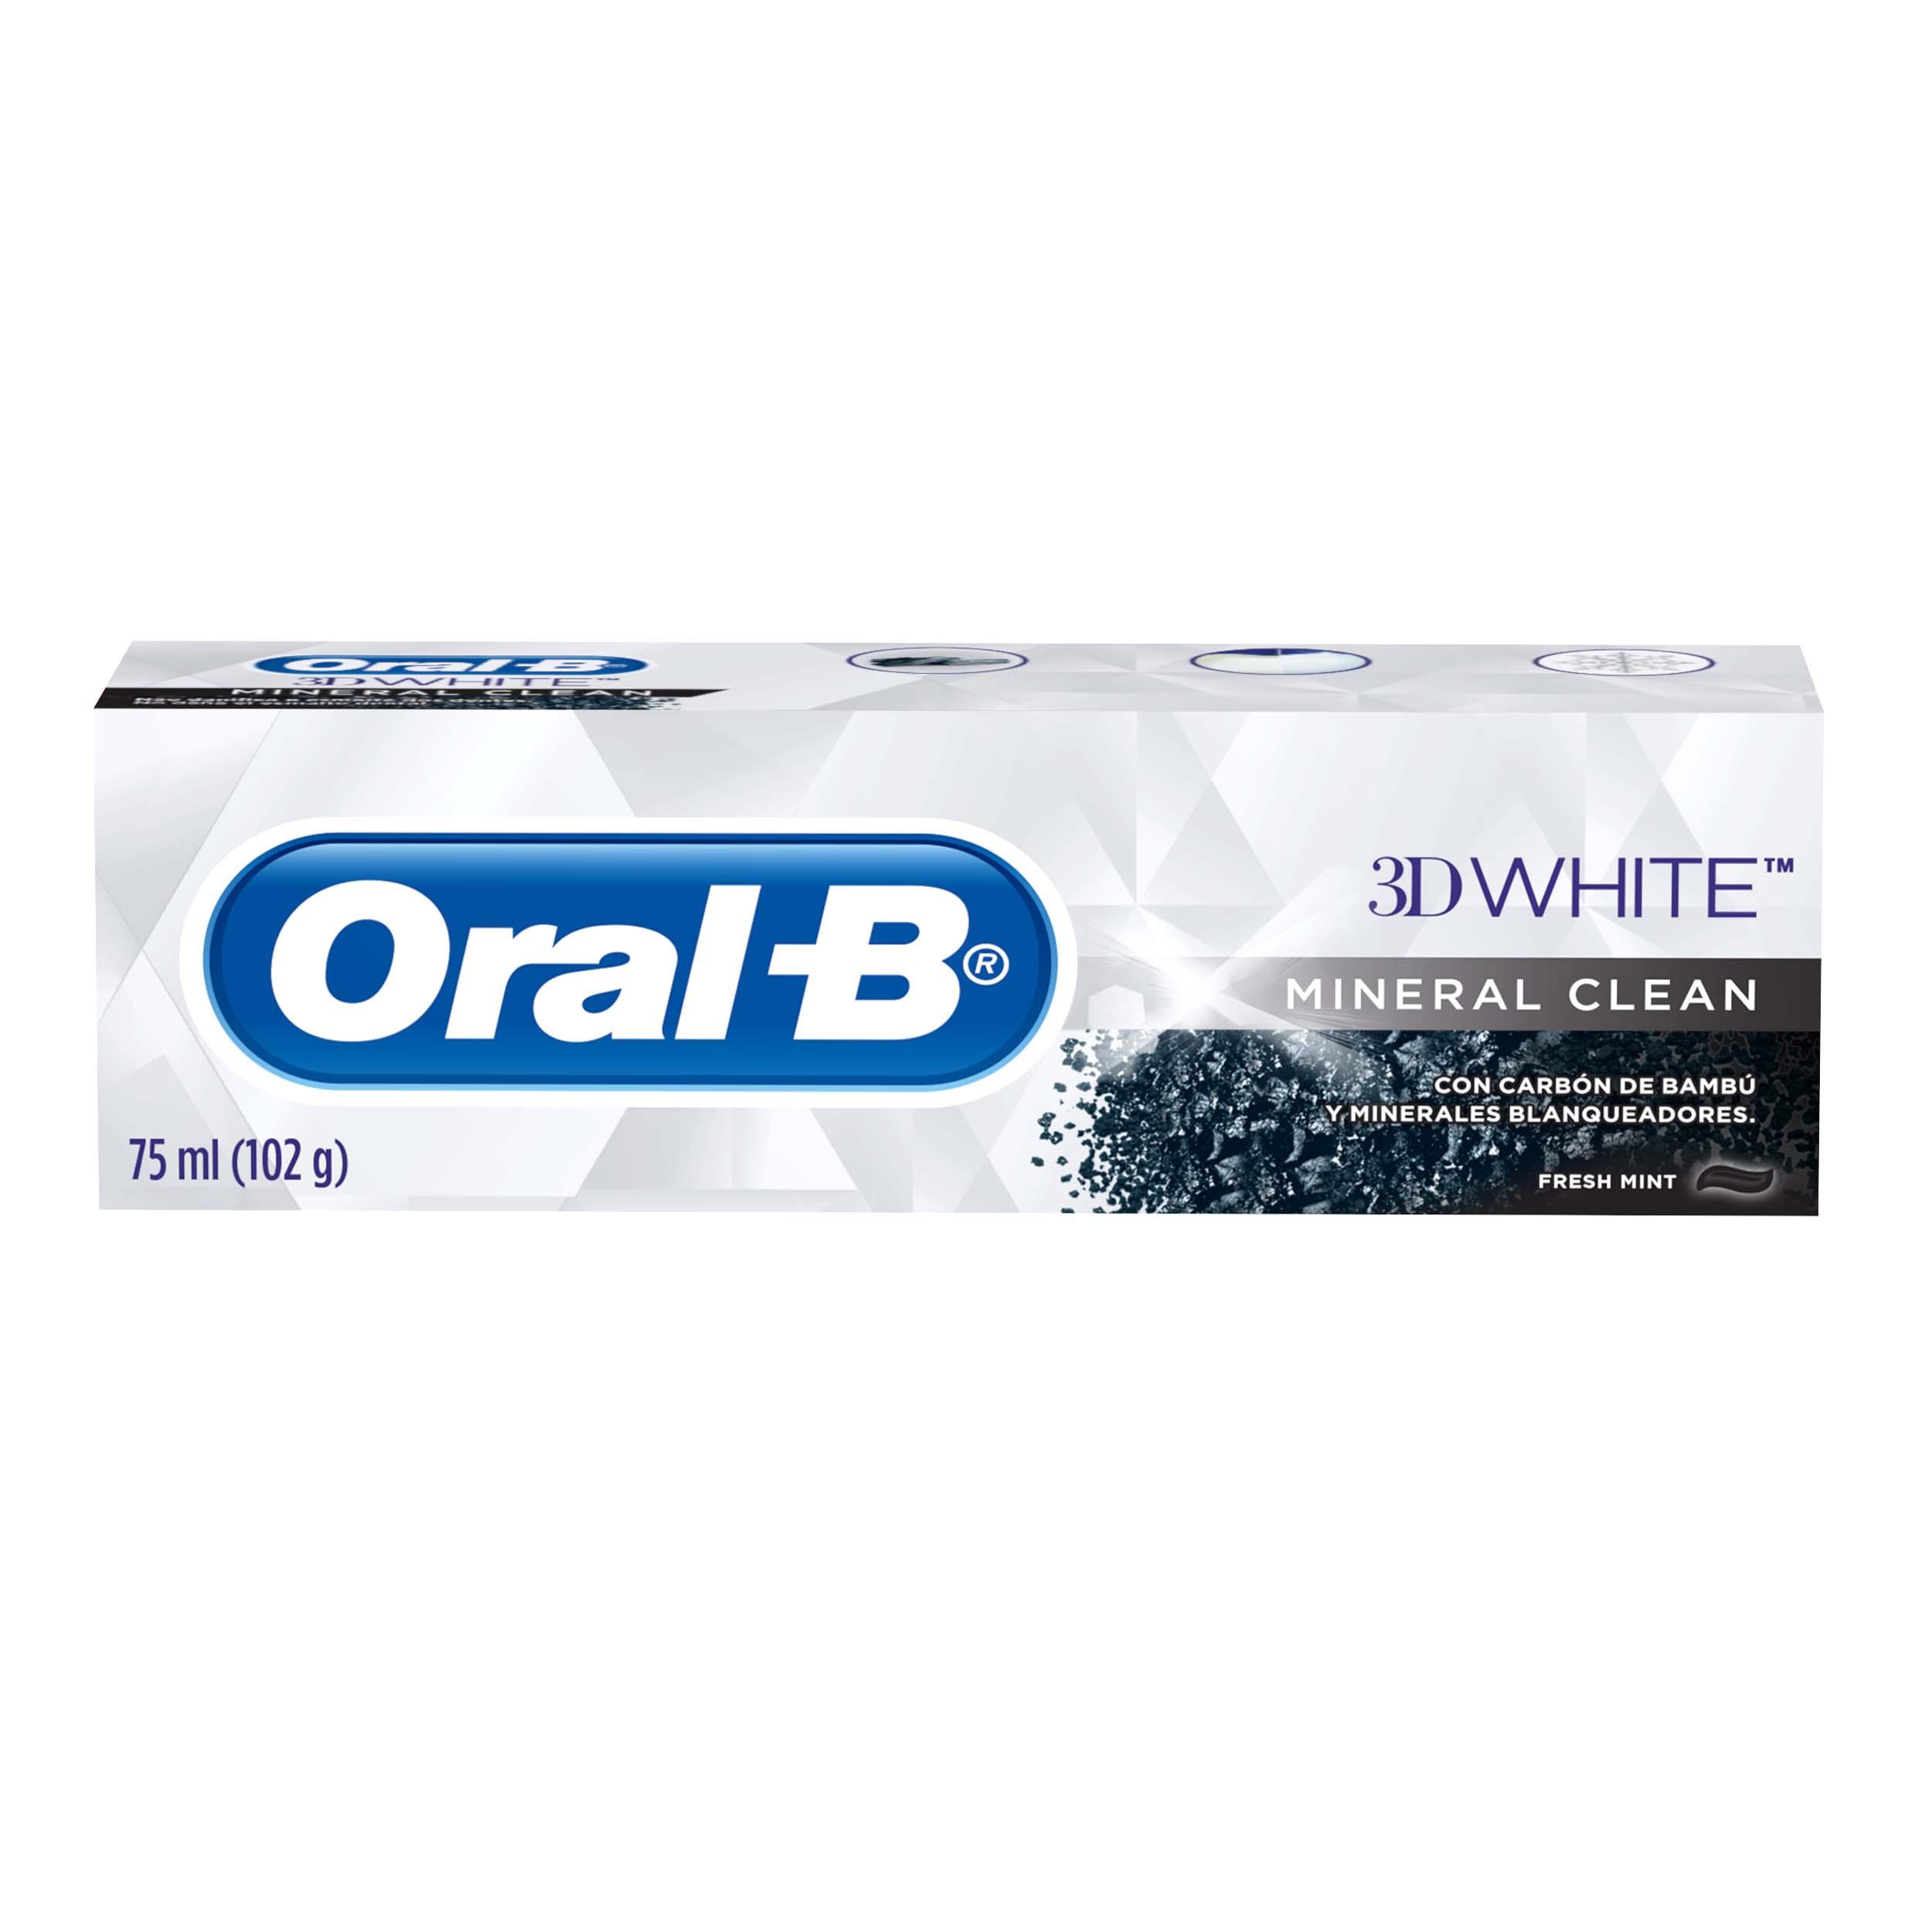 Crema Dental Oral b Mineral Clean 75ml